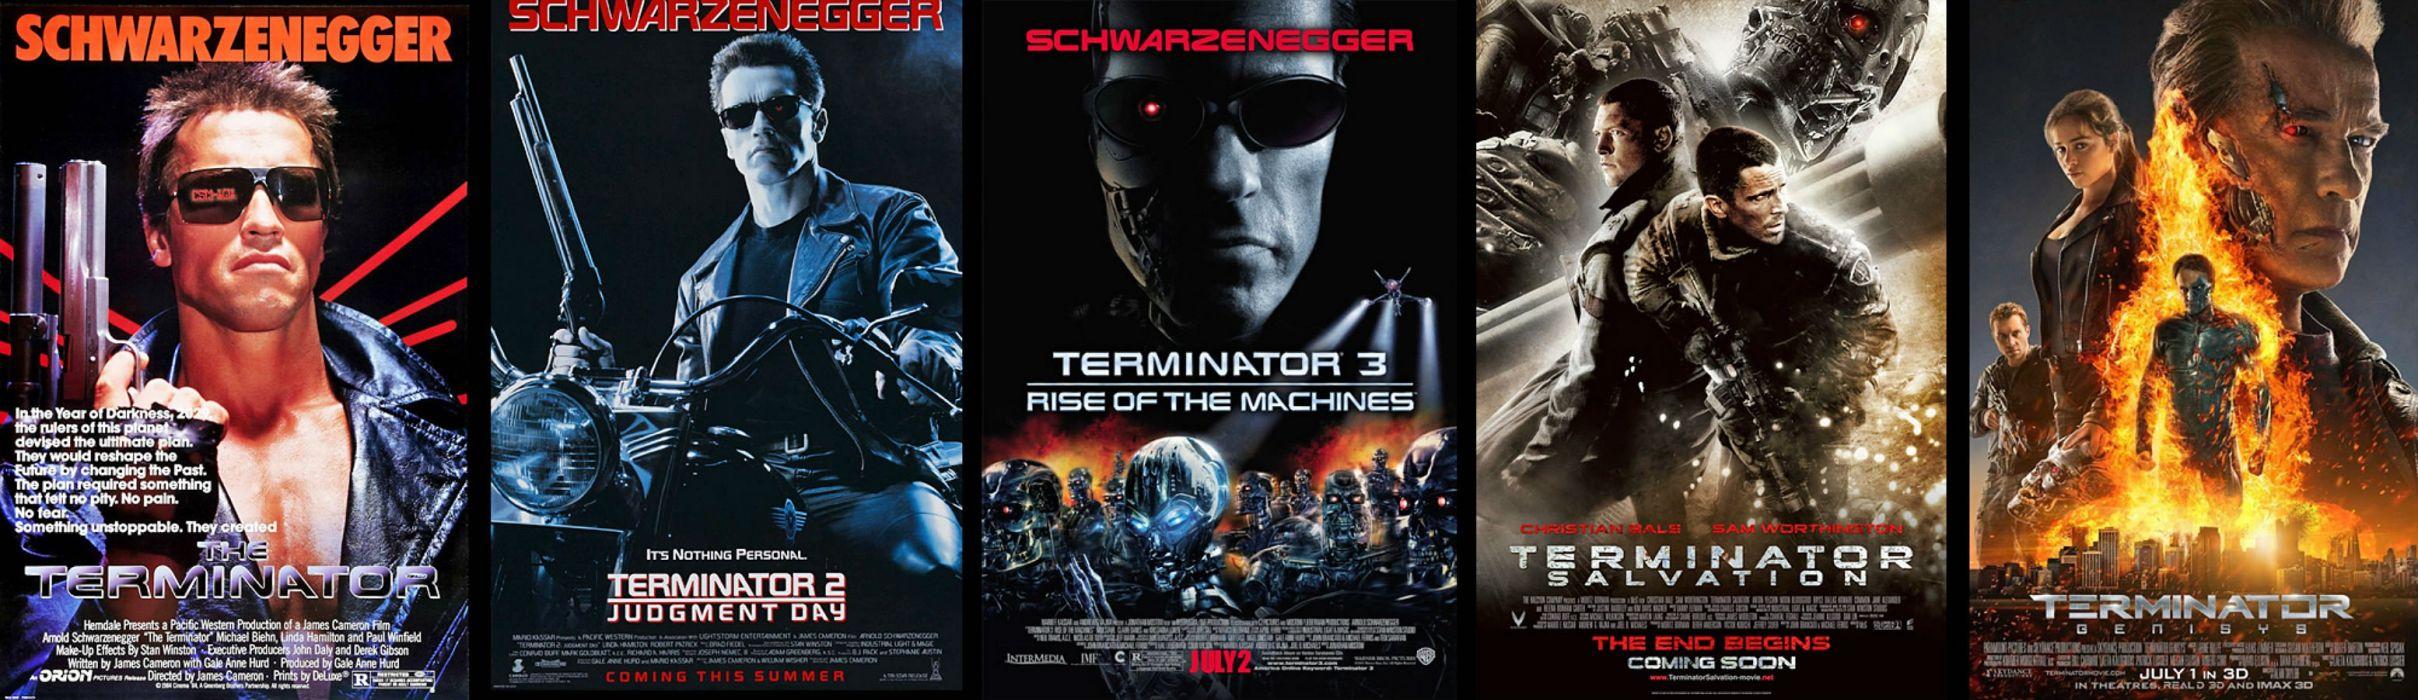 Terminator Robot Cyborg Sci Fi Futuristic Poster Wallpaper